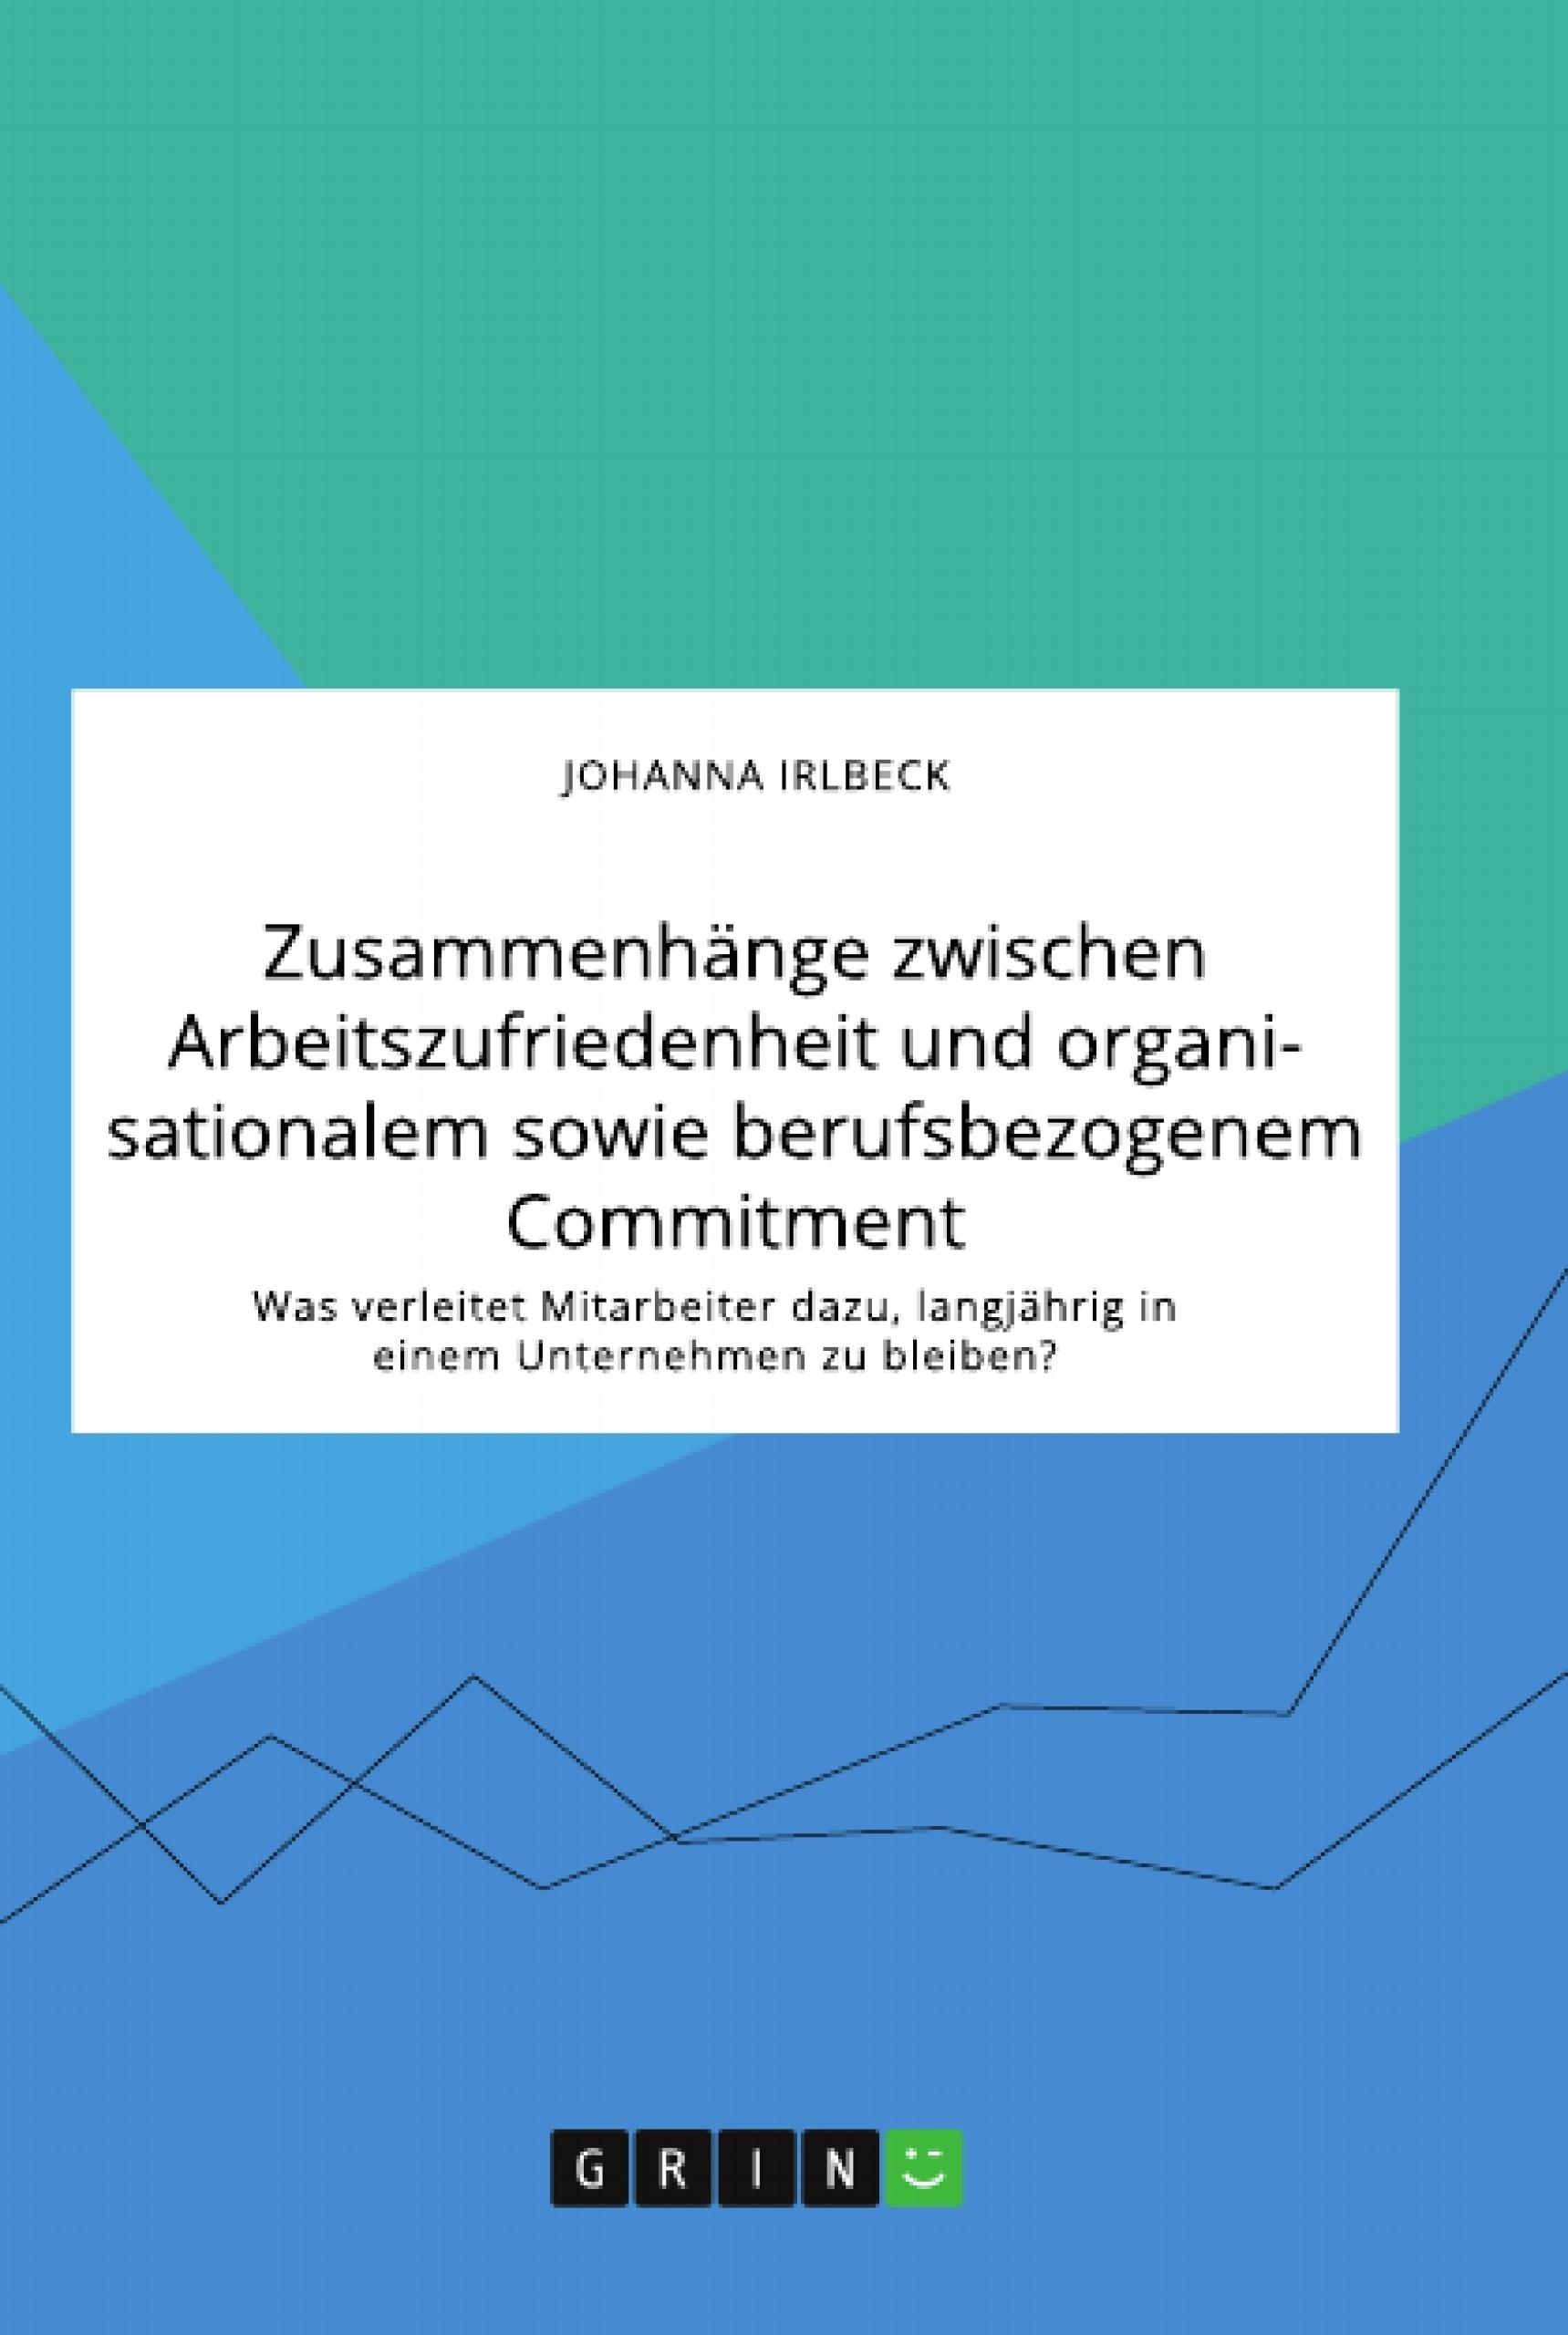 Titel: Zusammenhänge zwischen Arbeitszufriedenheit und organisationalem sowie berufsbezogenem Commitment. Was verleitet Mitarbeiter dazu, langjährig in einem Unternehmen zu bleiben?